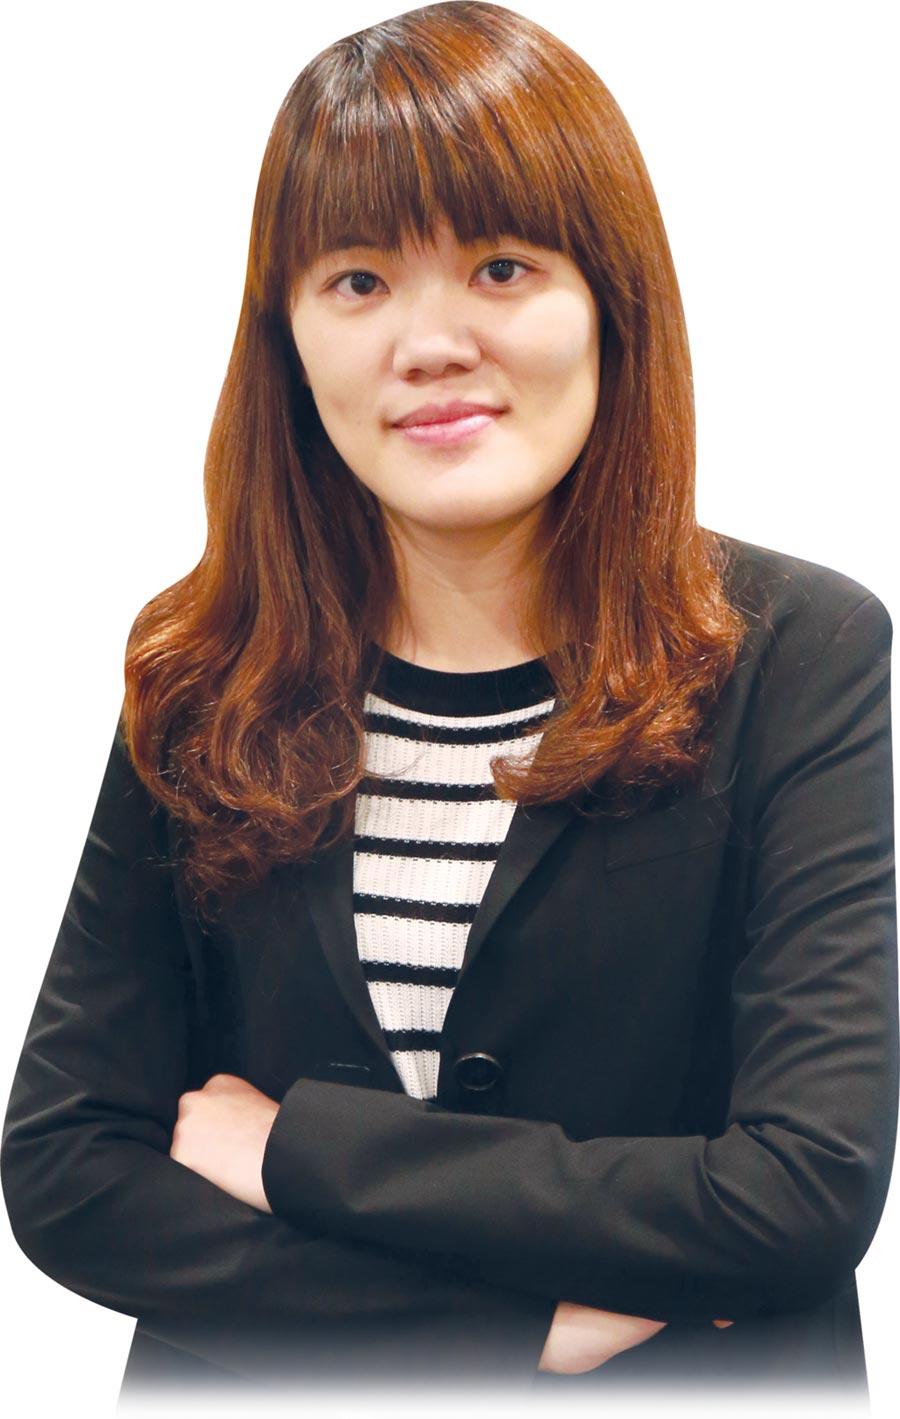 中國信託智能運動基金經理人張晨瑋    ◎圖/本人提供